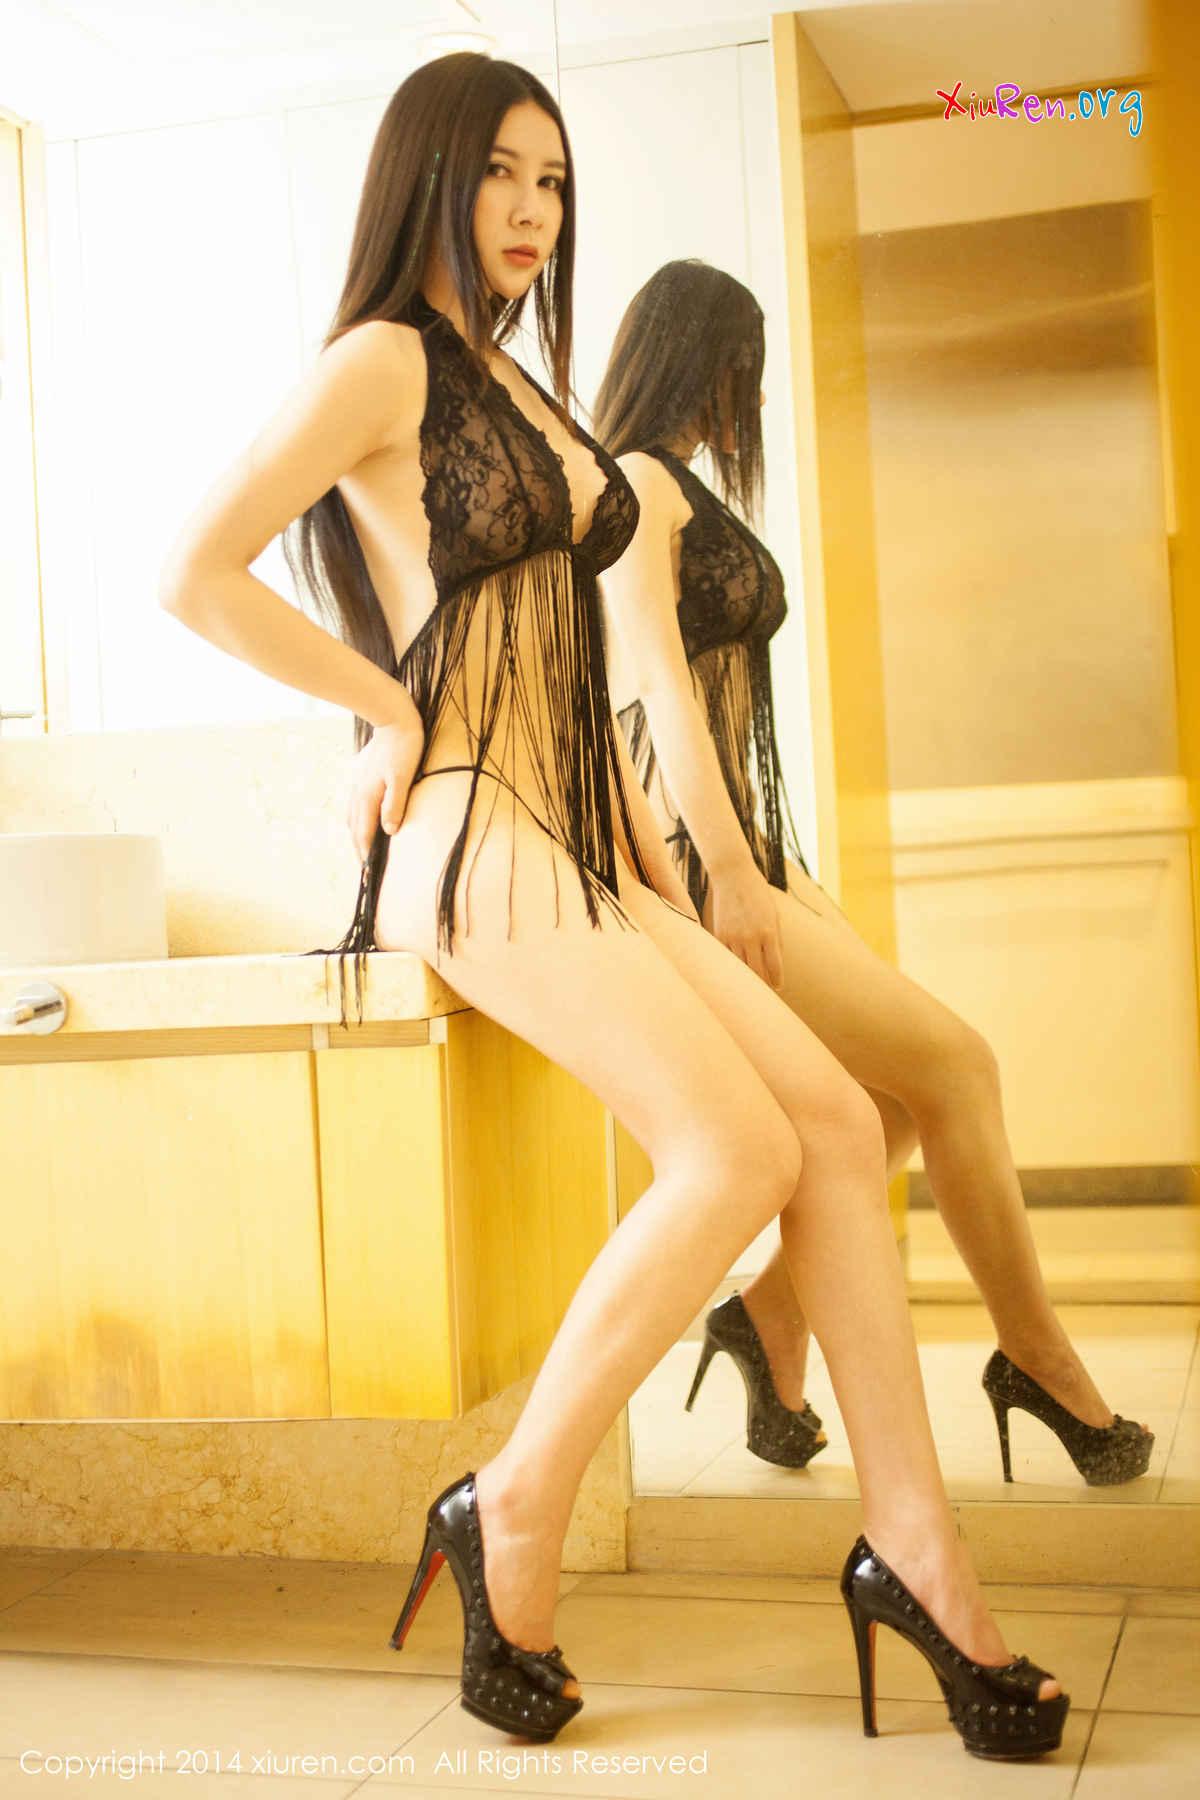 Gu Xinyi 顾欣怡 Uncensored See Through : XiuRen Model No.127 | | GravureGirlz - Photo Gallery 5